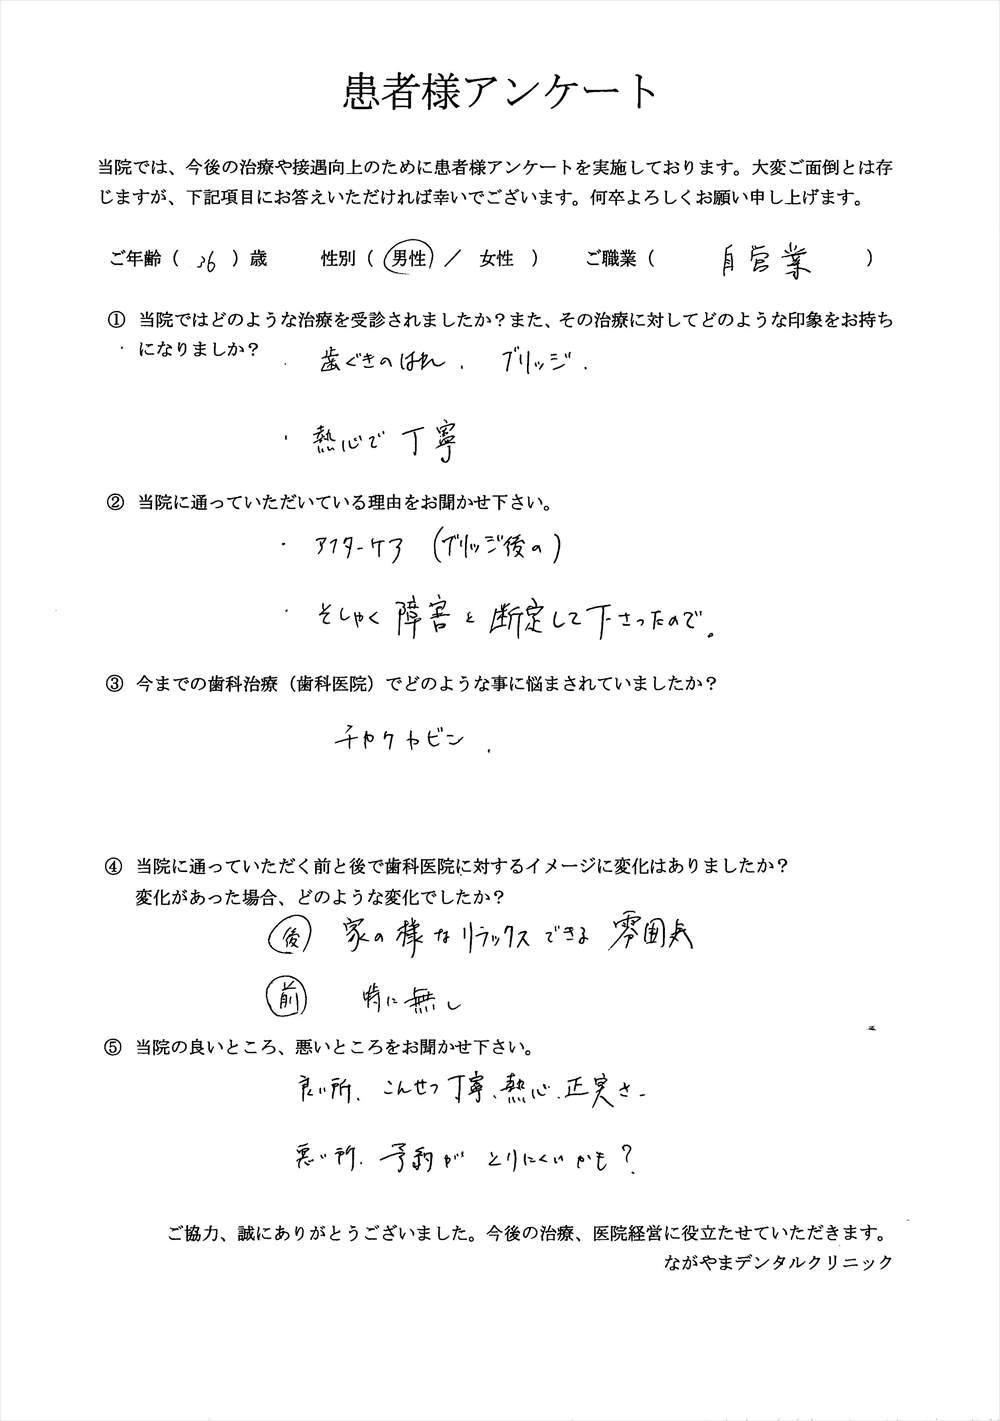 ながやまデンタルクリニックの患者様の口コミ・評判アンケート10